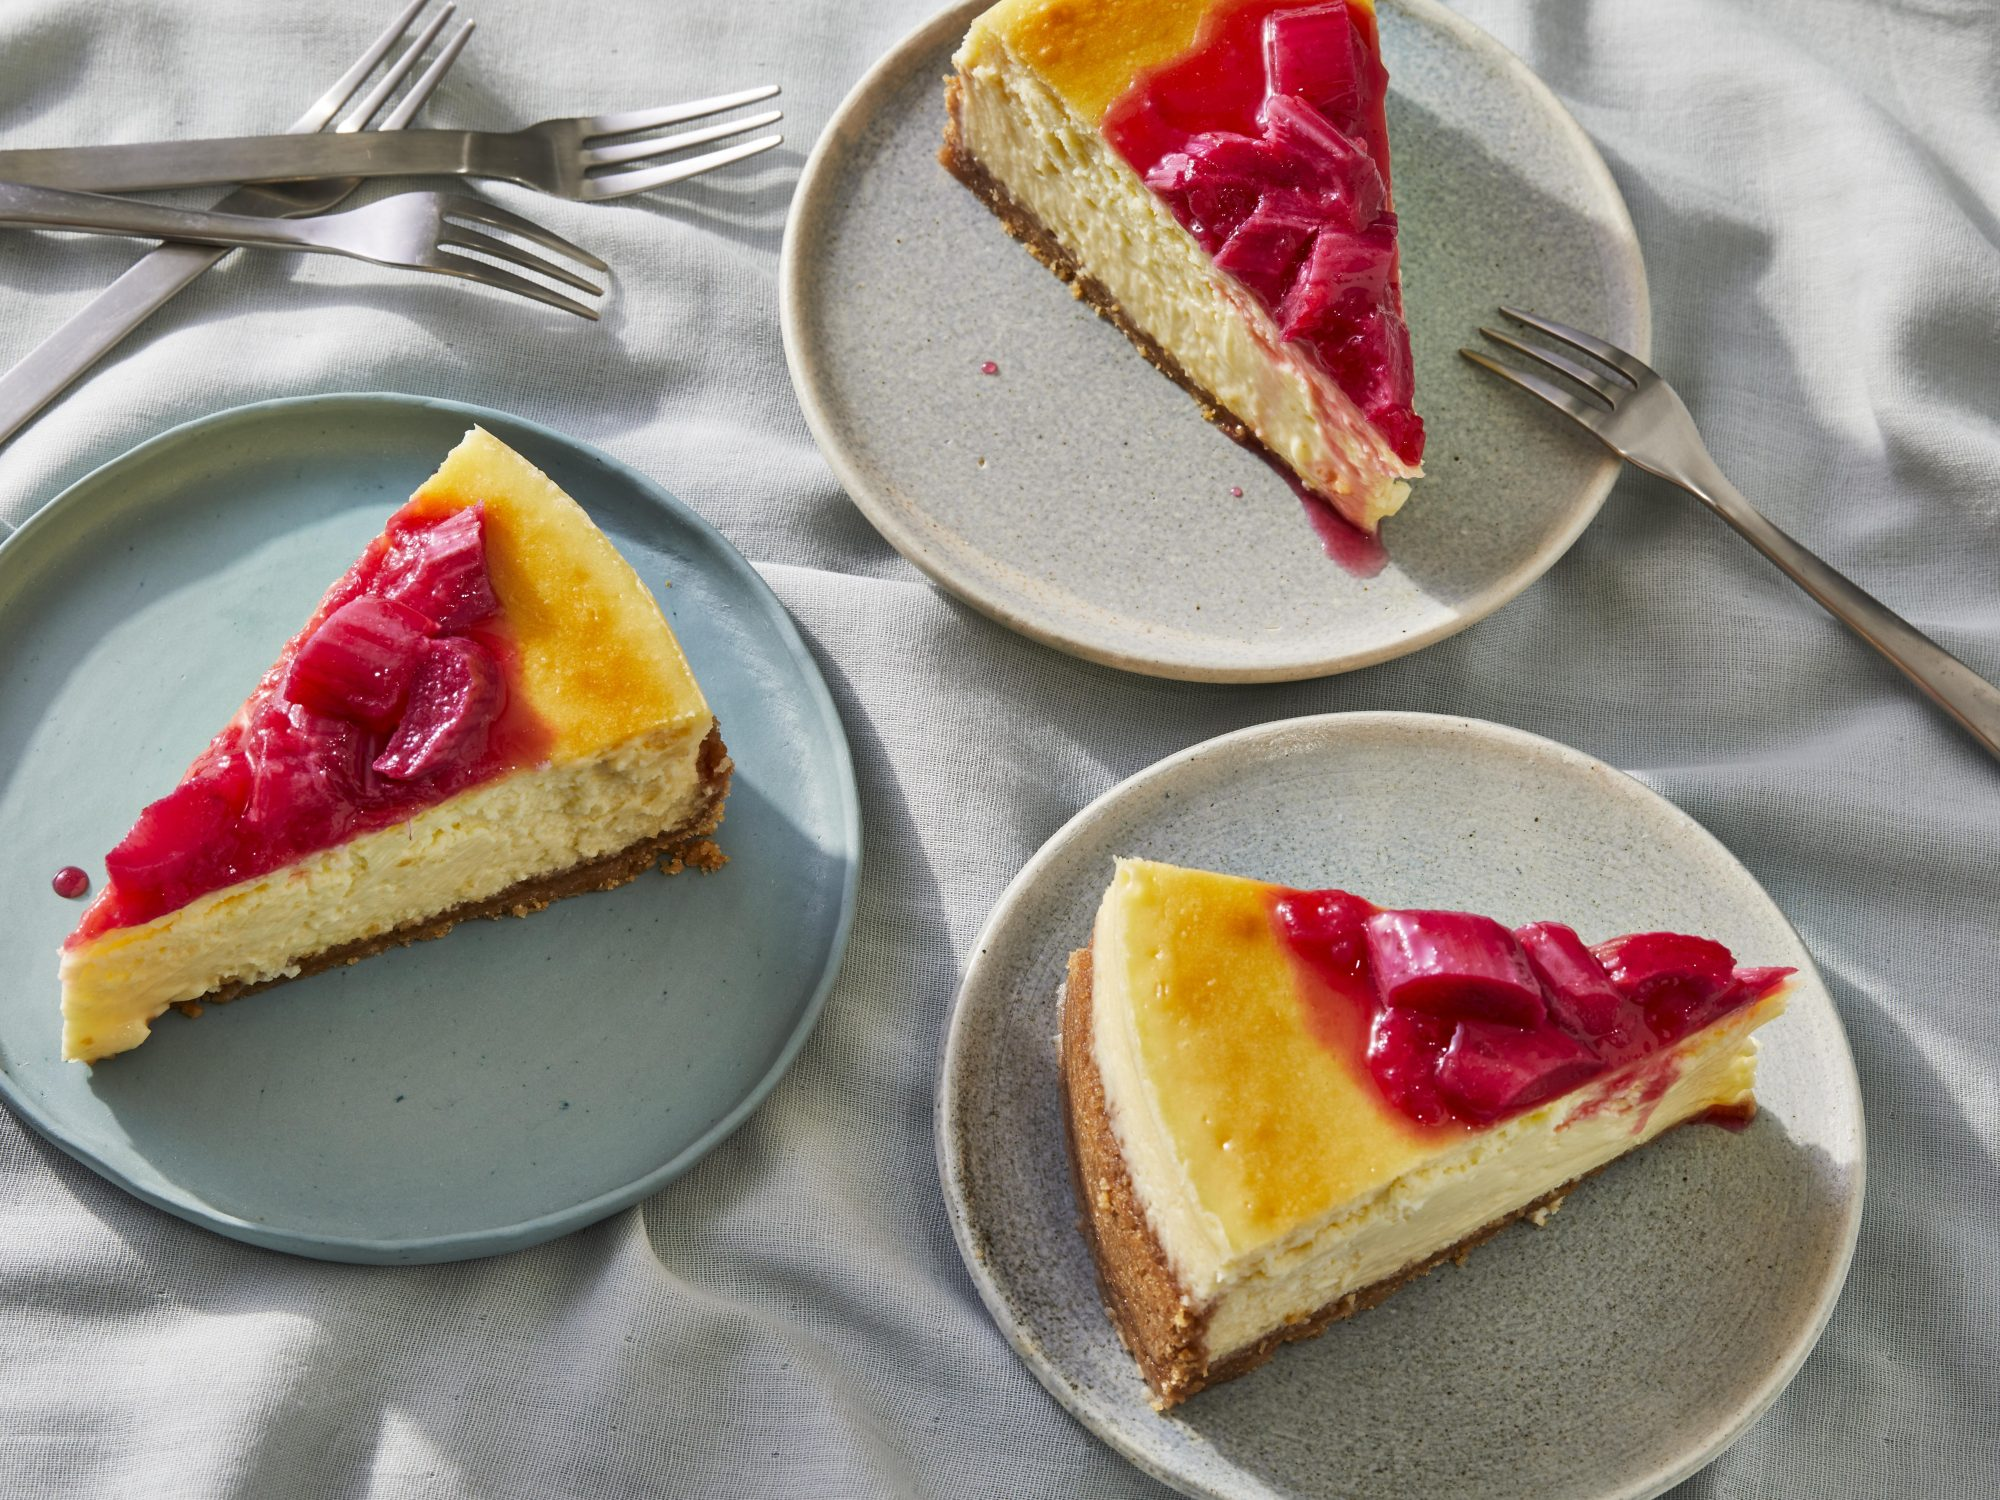 mr - Rhubarb Cheesecake Image